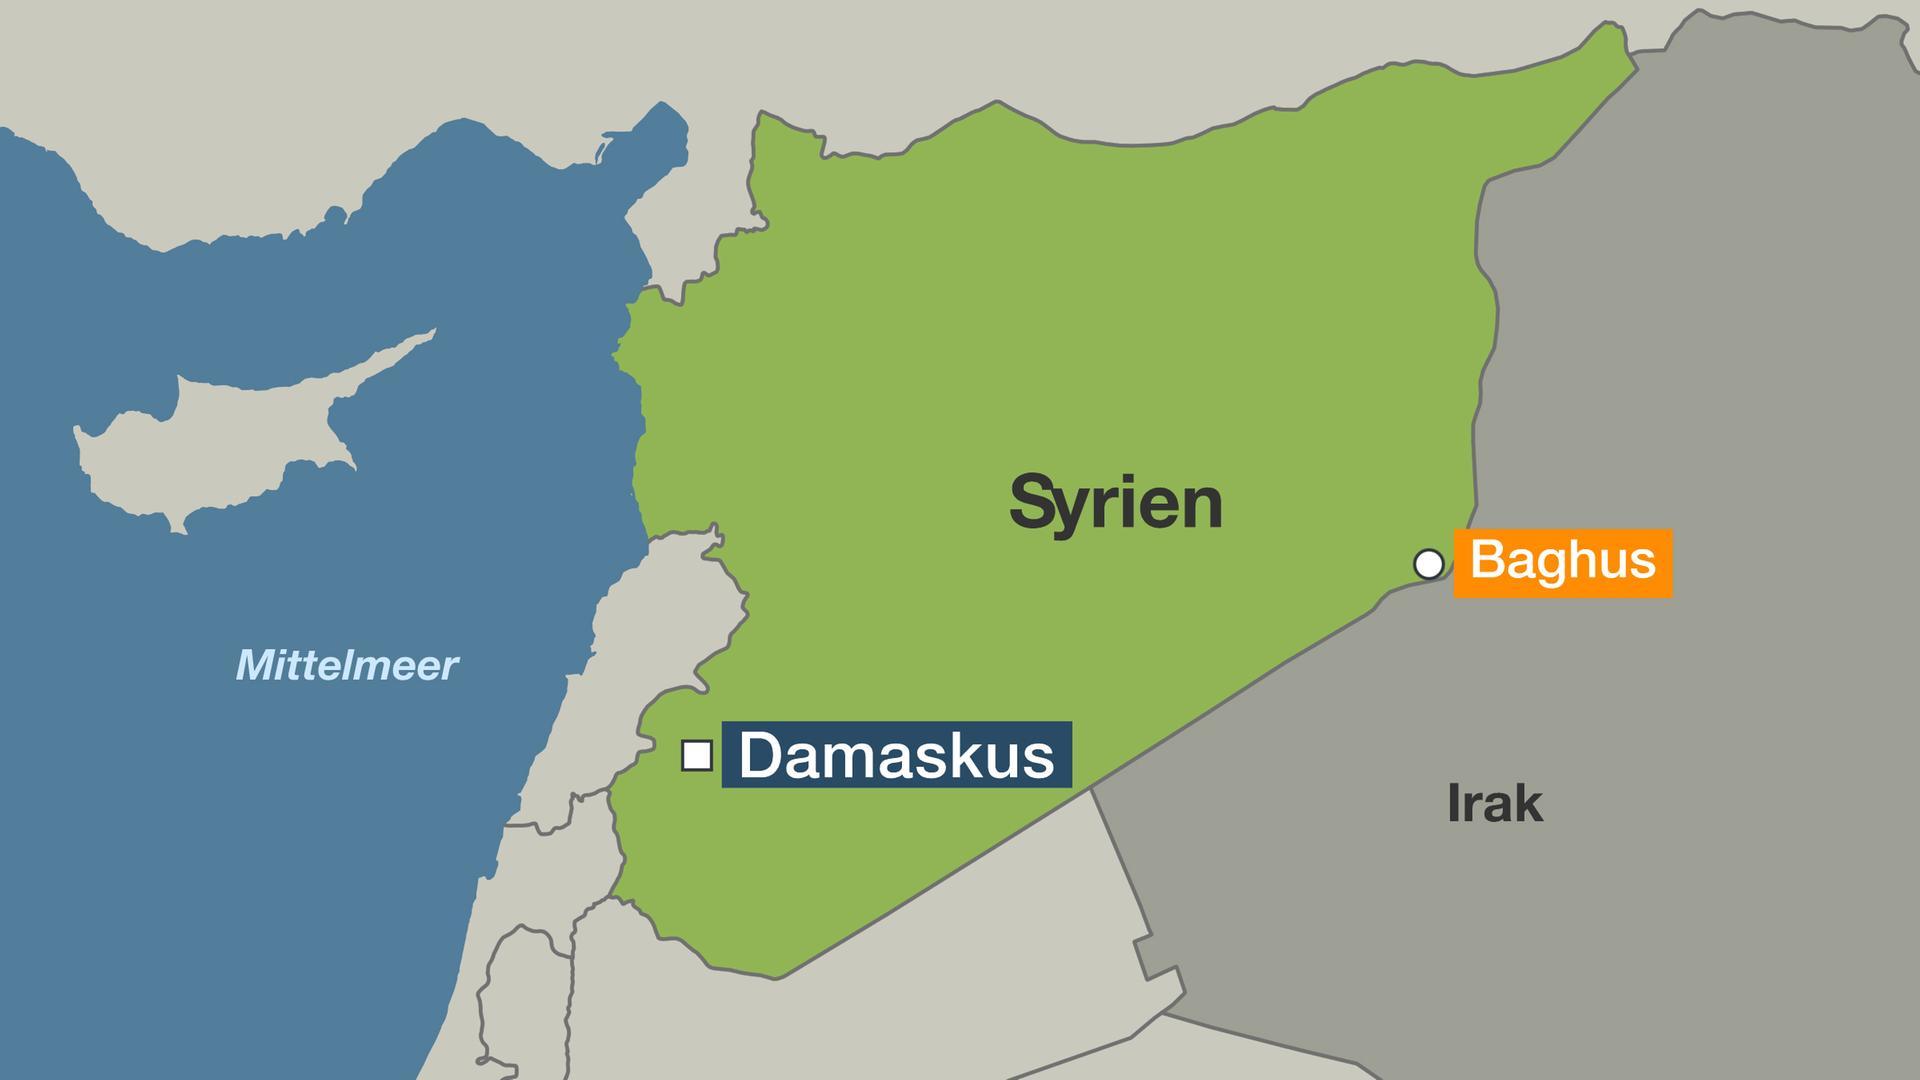 Syrien Irak Karte.Syrische Demokratische Kräfte Letzte Is Bastion Baghus In Syrien